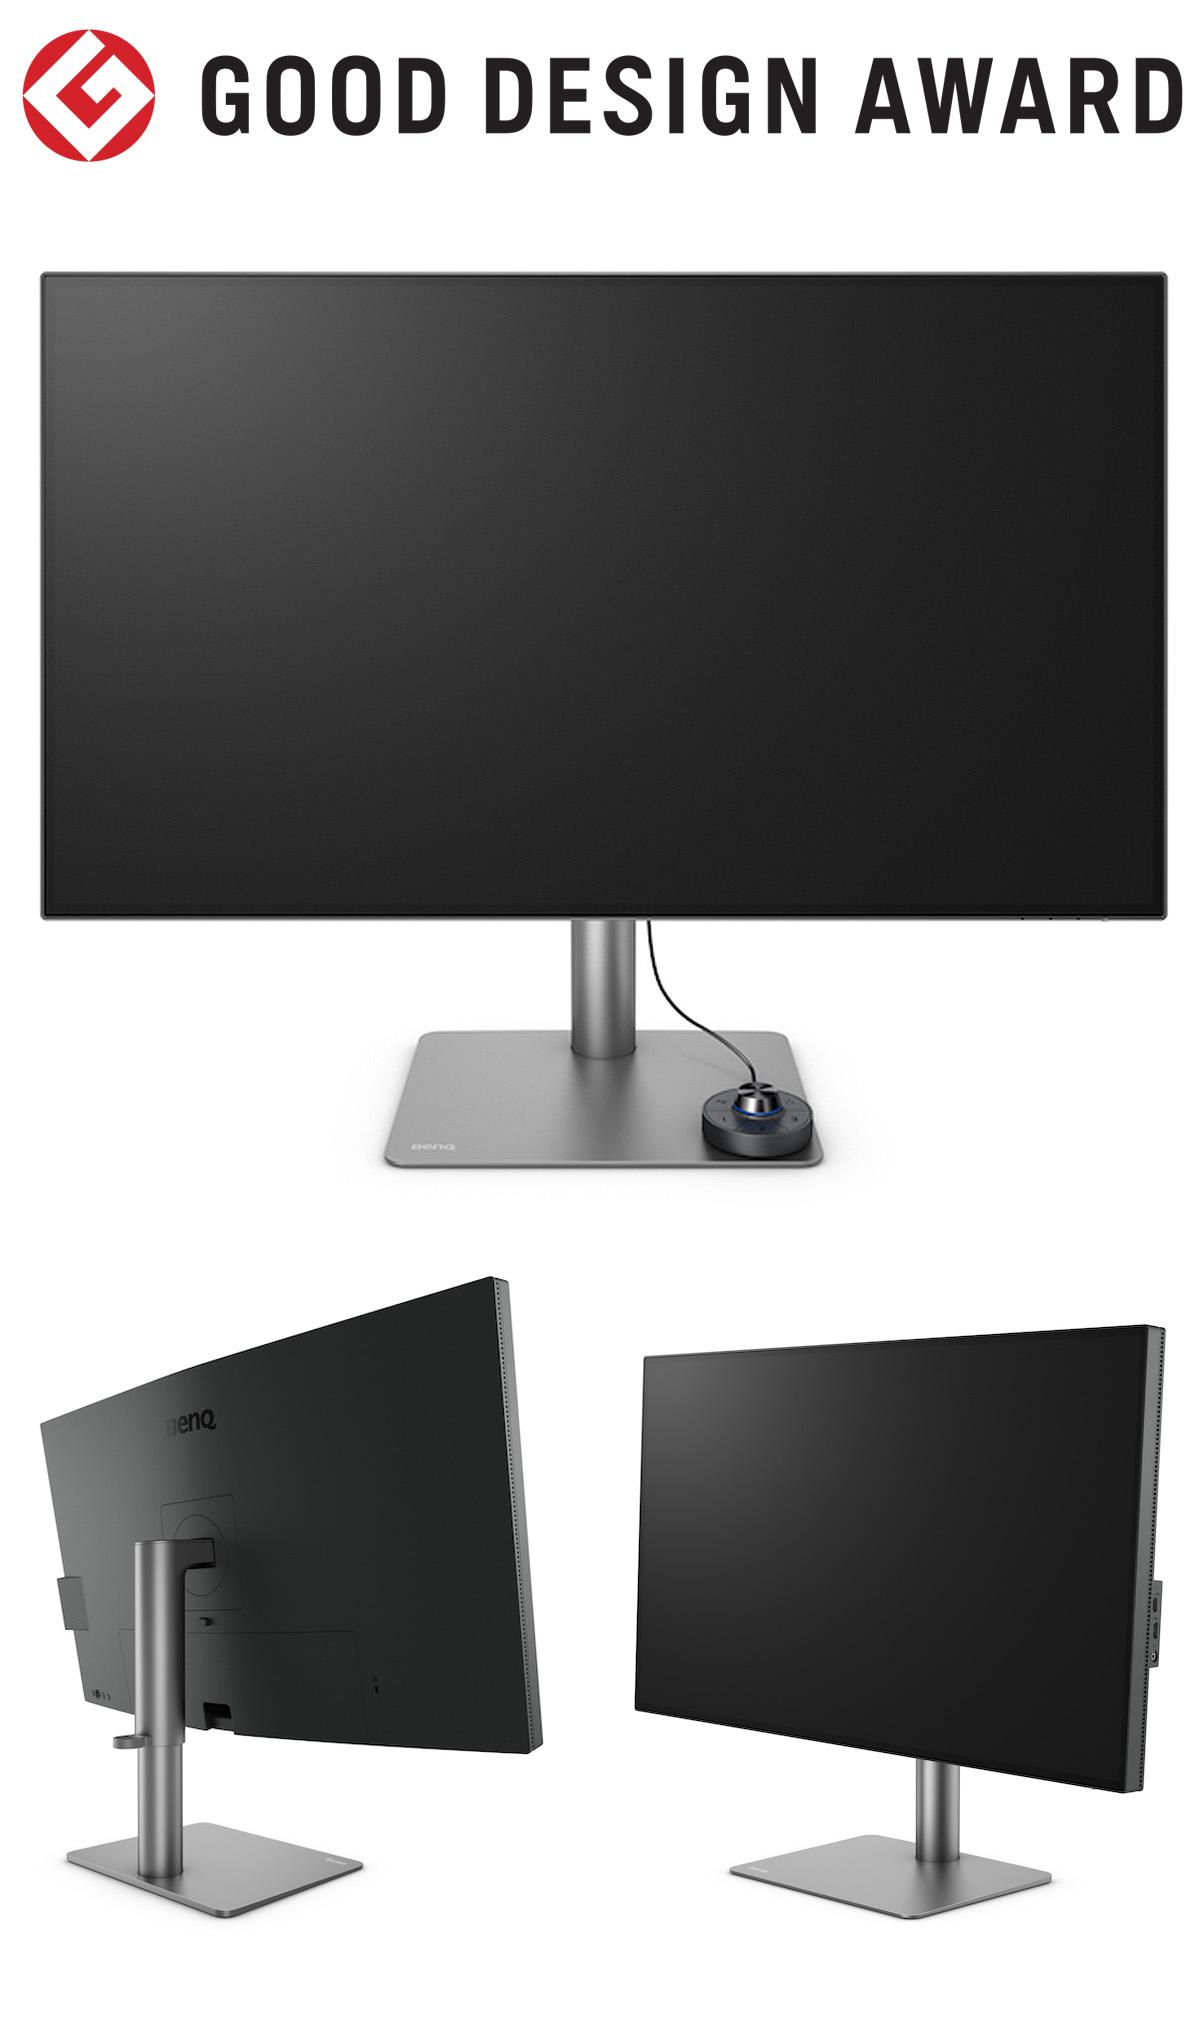 【日本】明基BenQ PD20系列专业设计显示器获颁2019年度G-Mark设计大奖(GOOD DESIGN AWARD 2019)